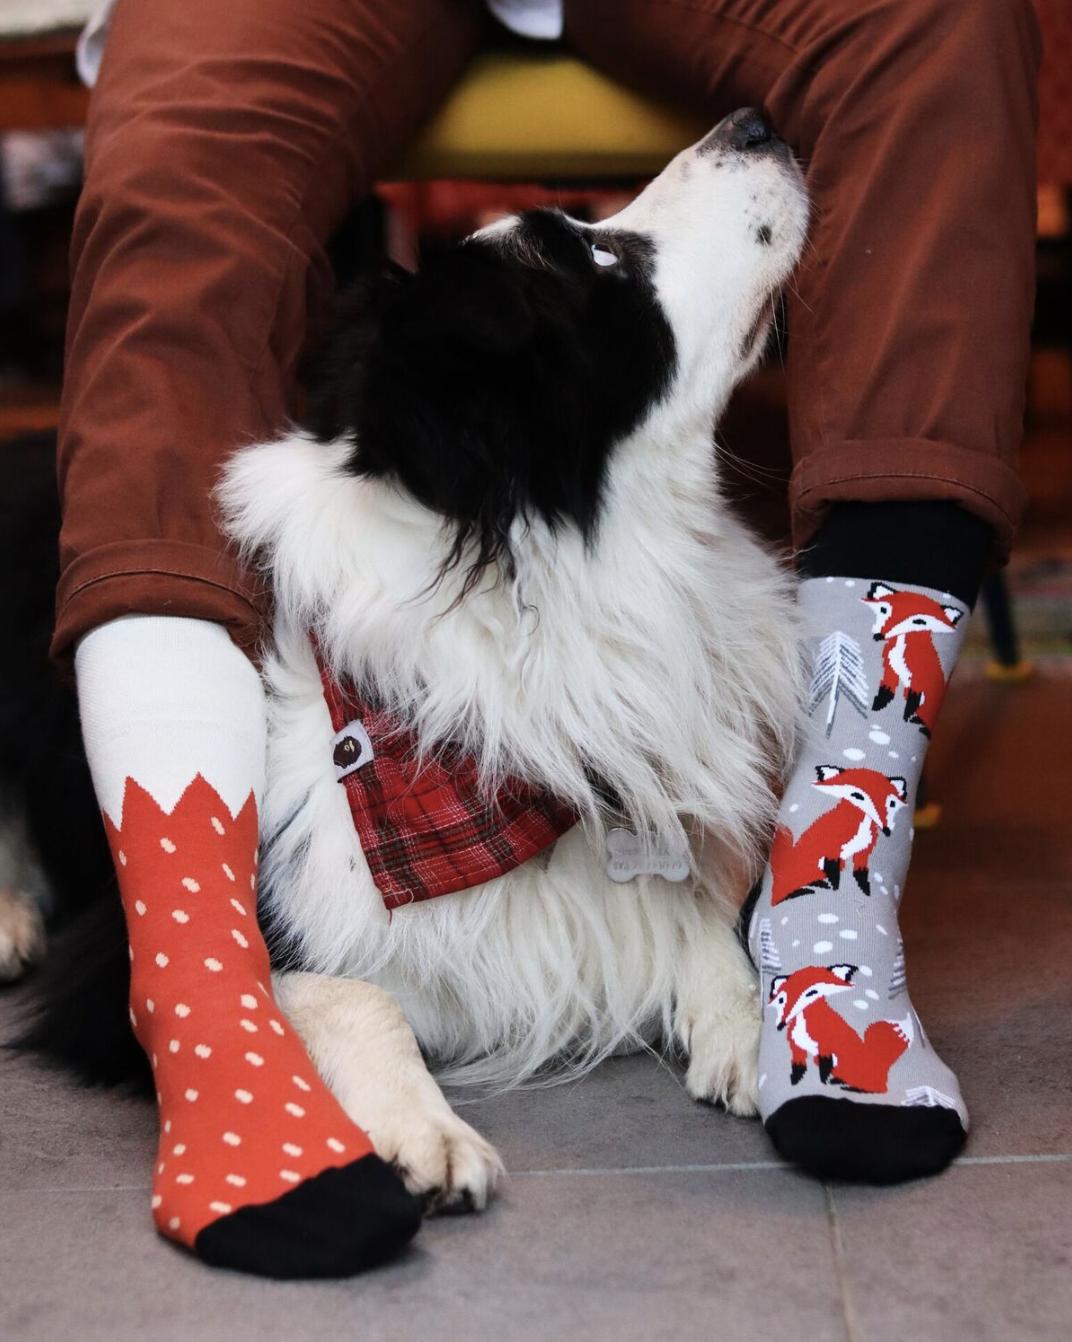 Čo je ponožková výzva - #PonozkovaVyzva sa koná každoročne 21. marca a spája sa so svetovým dňom Downovho syndrómu. V tento deň sa na znak oslavy ľudskej jedinečnosti nosia dve rozdielne ponožky.Výzva je určená všetkým, ktorí chcú prejaviť solidaritu a podporiť ľudí s Downovým syndrómom a ich rodiny. No zároveň sa rozšíri povedomie o tom, že práve ľudská individualita robí tento svet krásnym, pestrejším, zaujímavejším, inšpirujúcim.